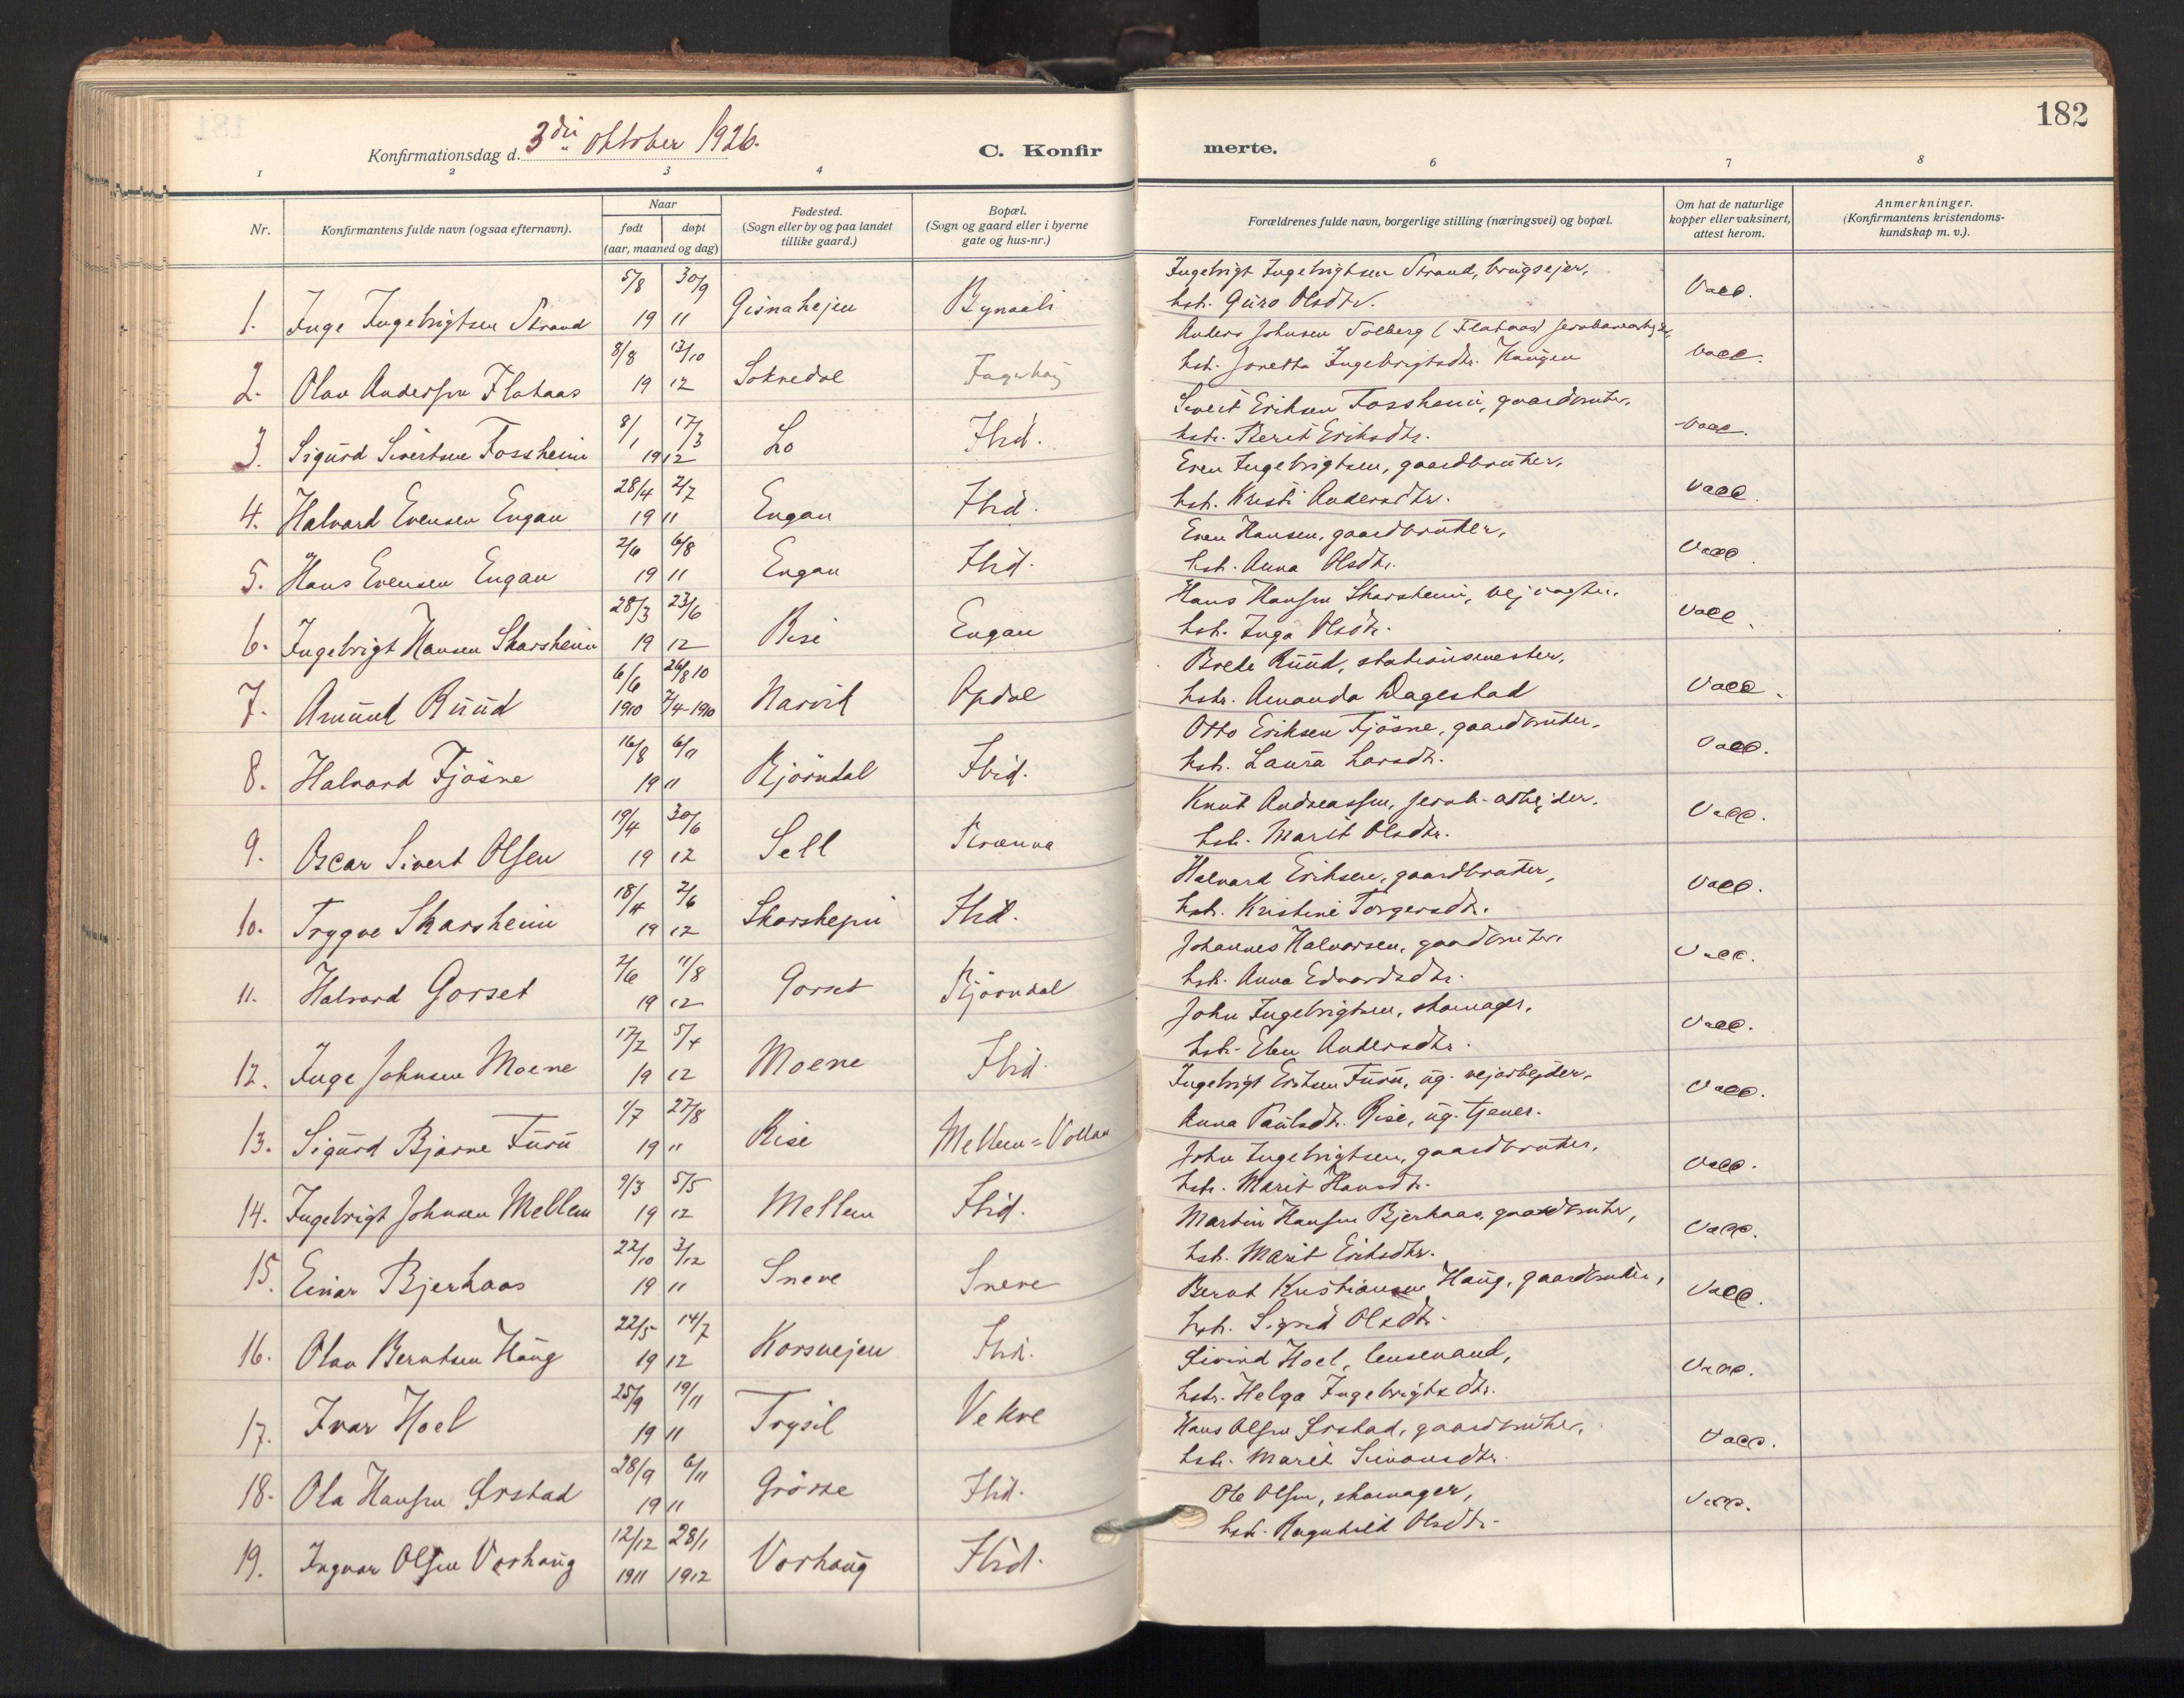 SAT, Ministerialprotokoller, klokkerbøker og fødselsregistre - Sør-Trøndelag, 678/L0909: Ministerialbok nr. 678A17, 1912-1930, s. 182